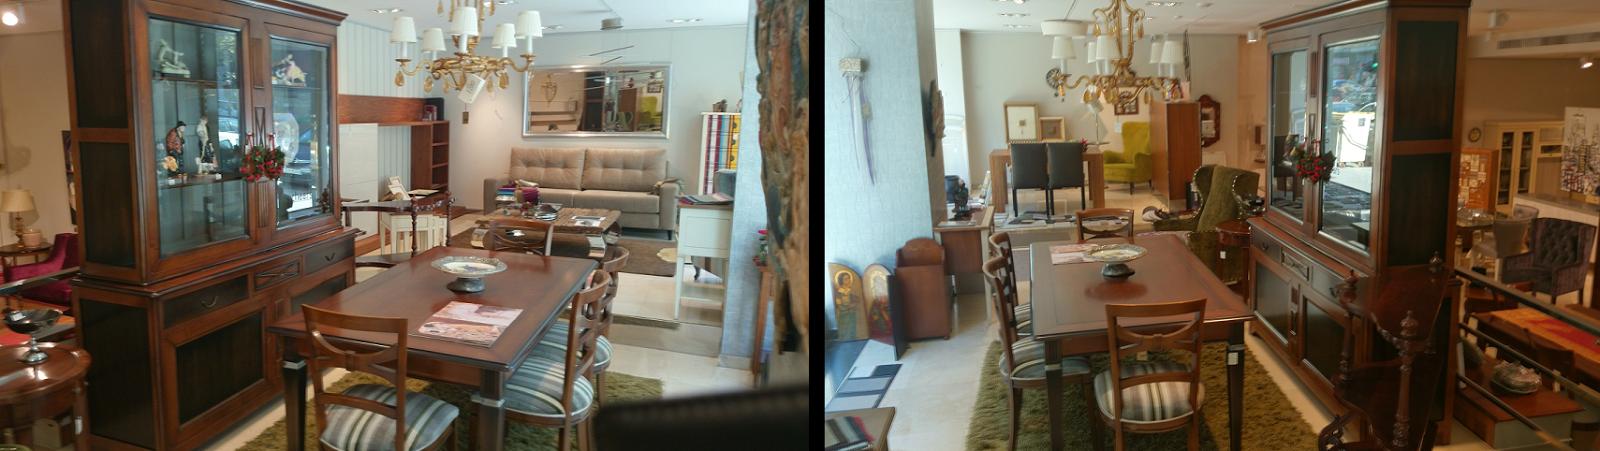 Muebles Escaparate : Escaparates de muebles cheers invierno